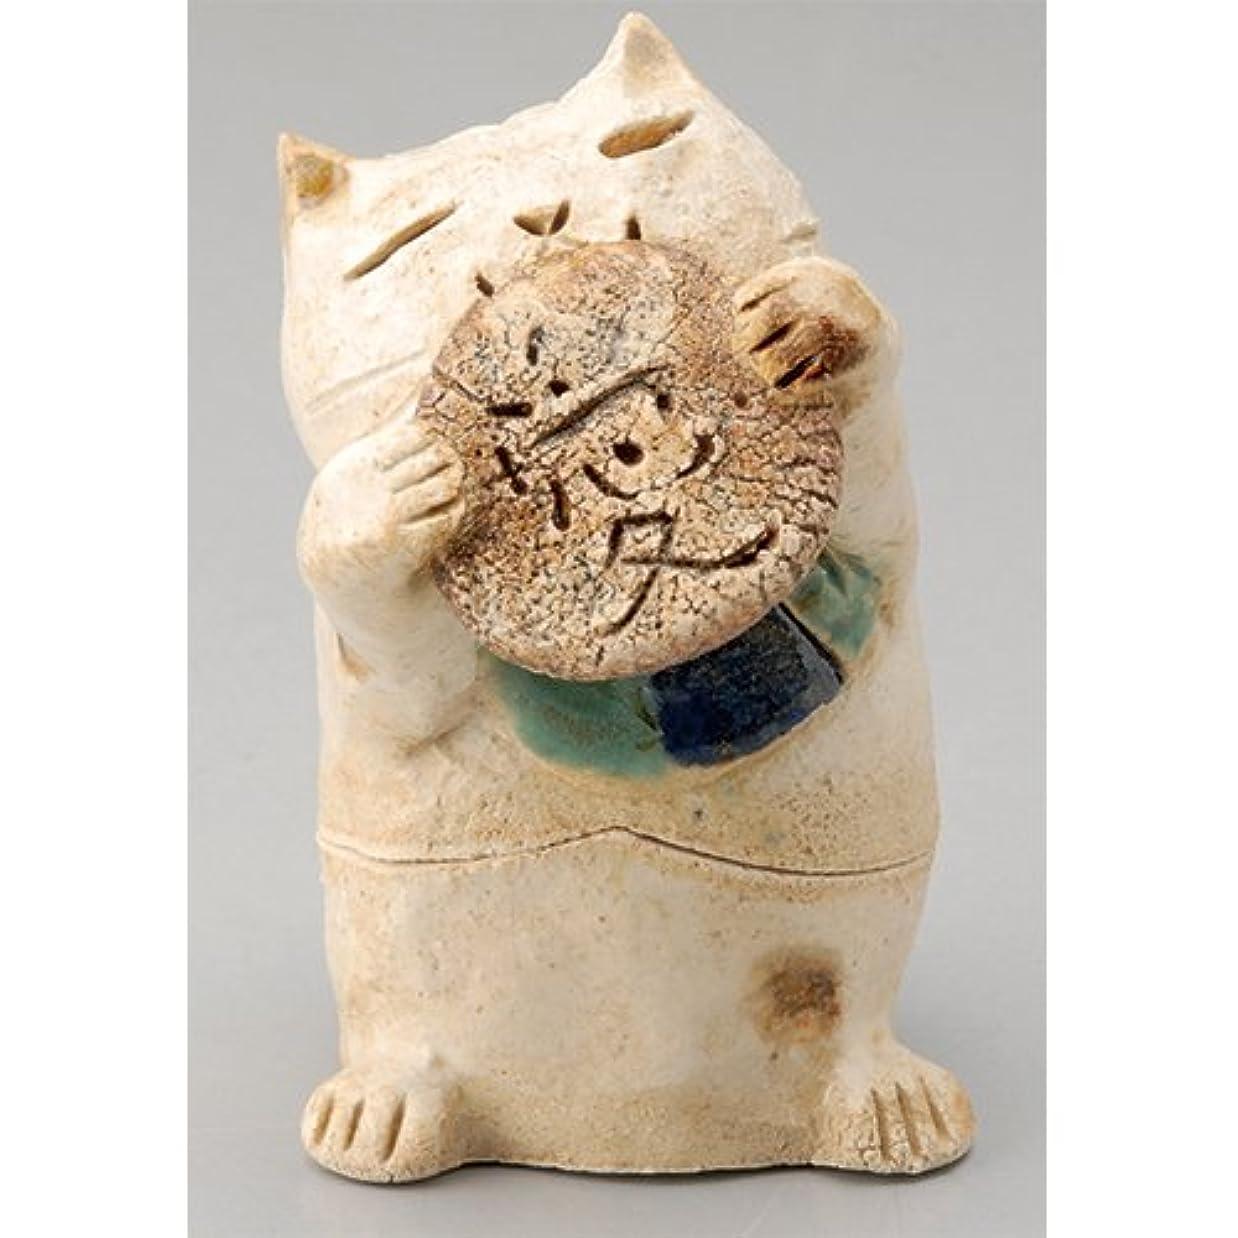 君主制後不良香炉 ごえん猫 香炉(愛) [H8cm] HANDMADE プレゼント ギフト 和食器 かわいい インテリア